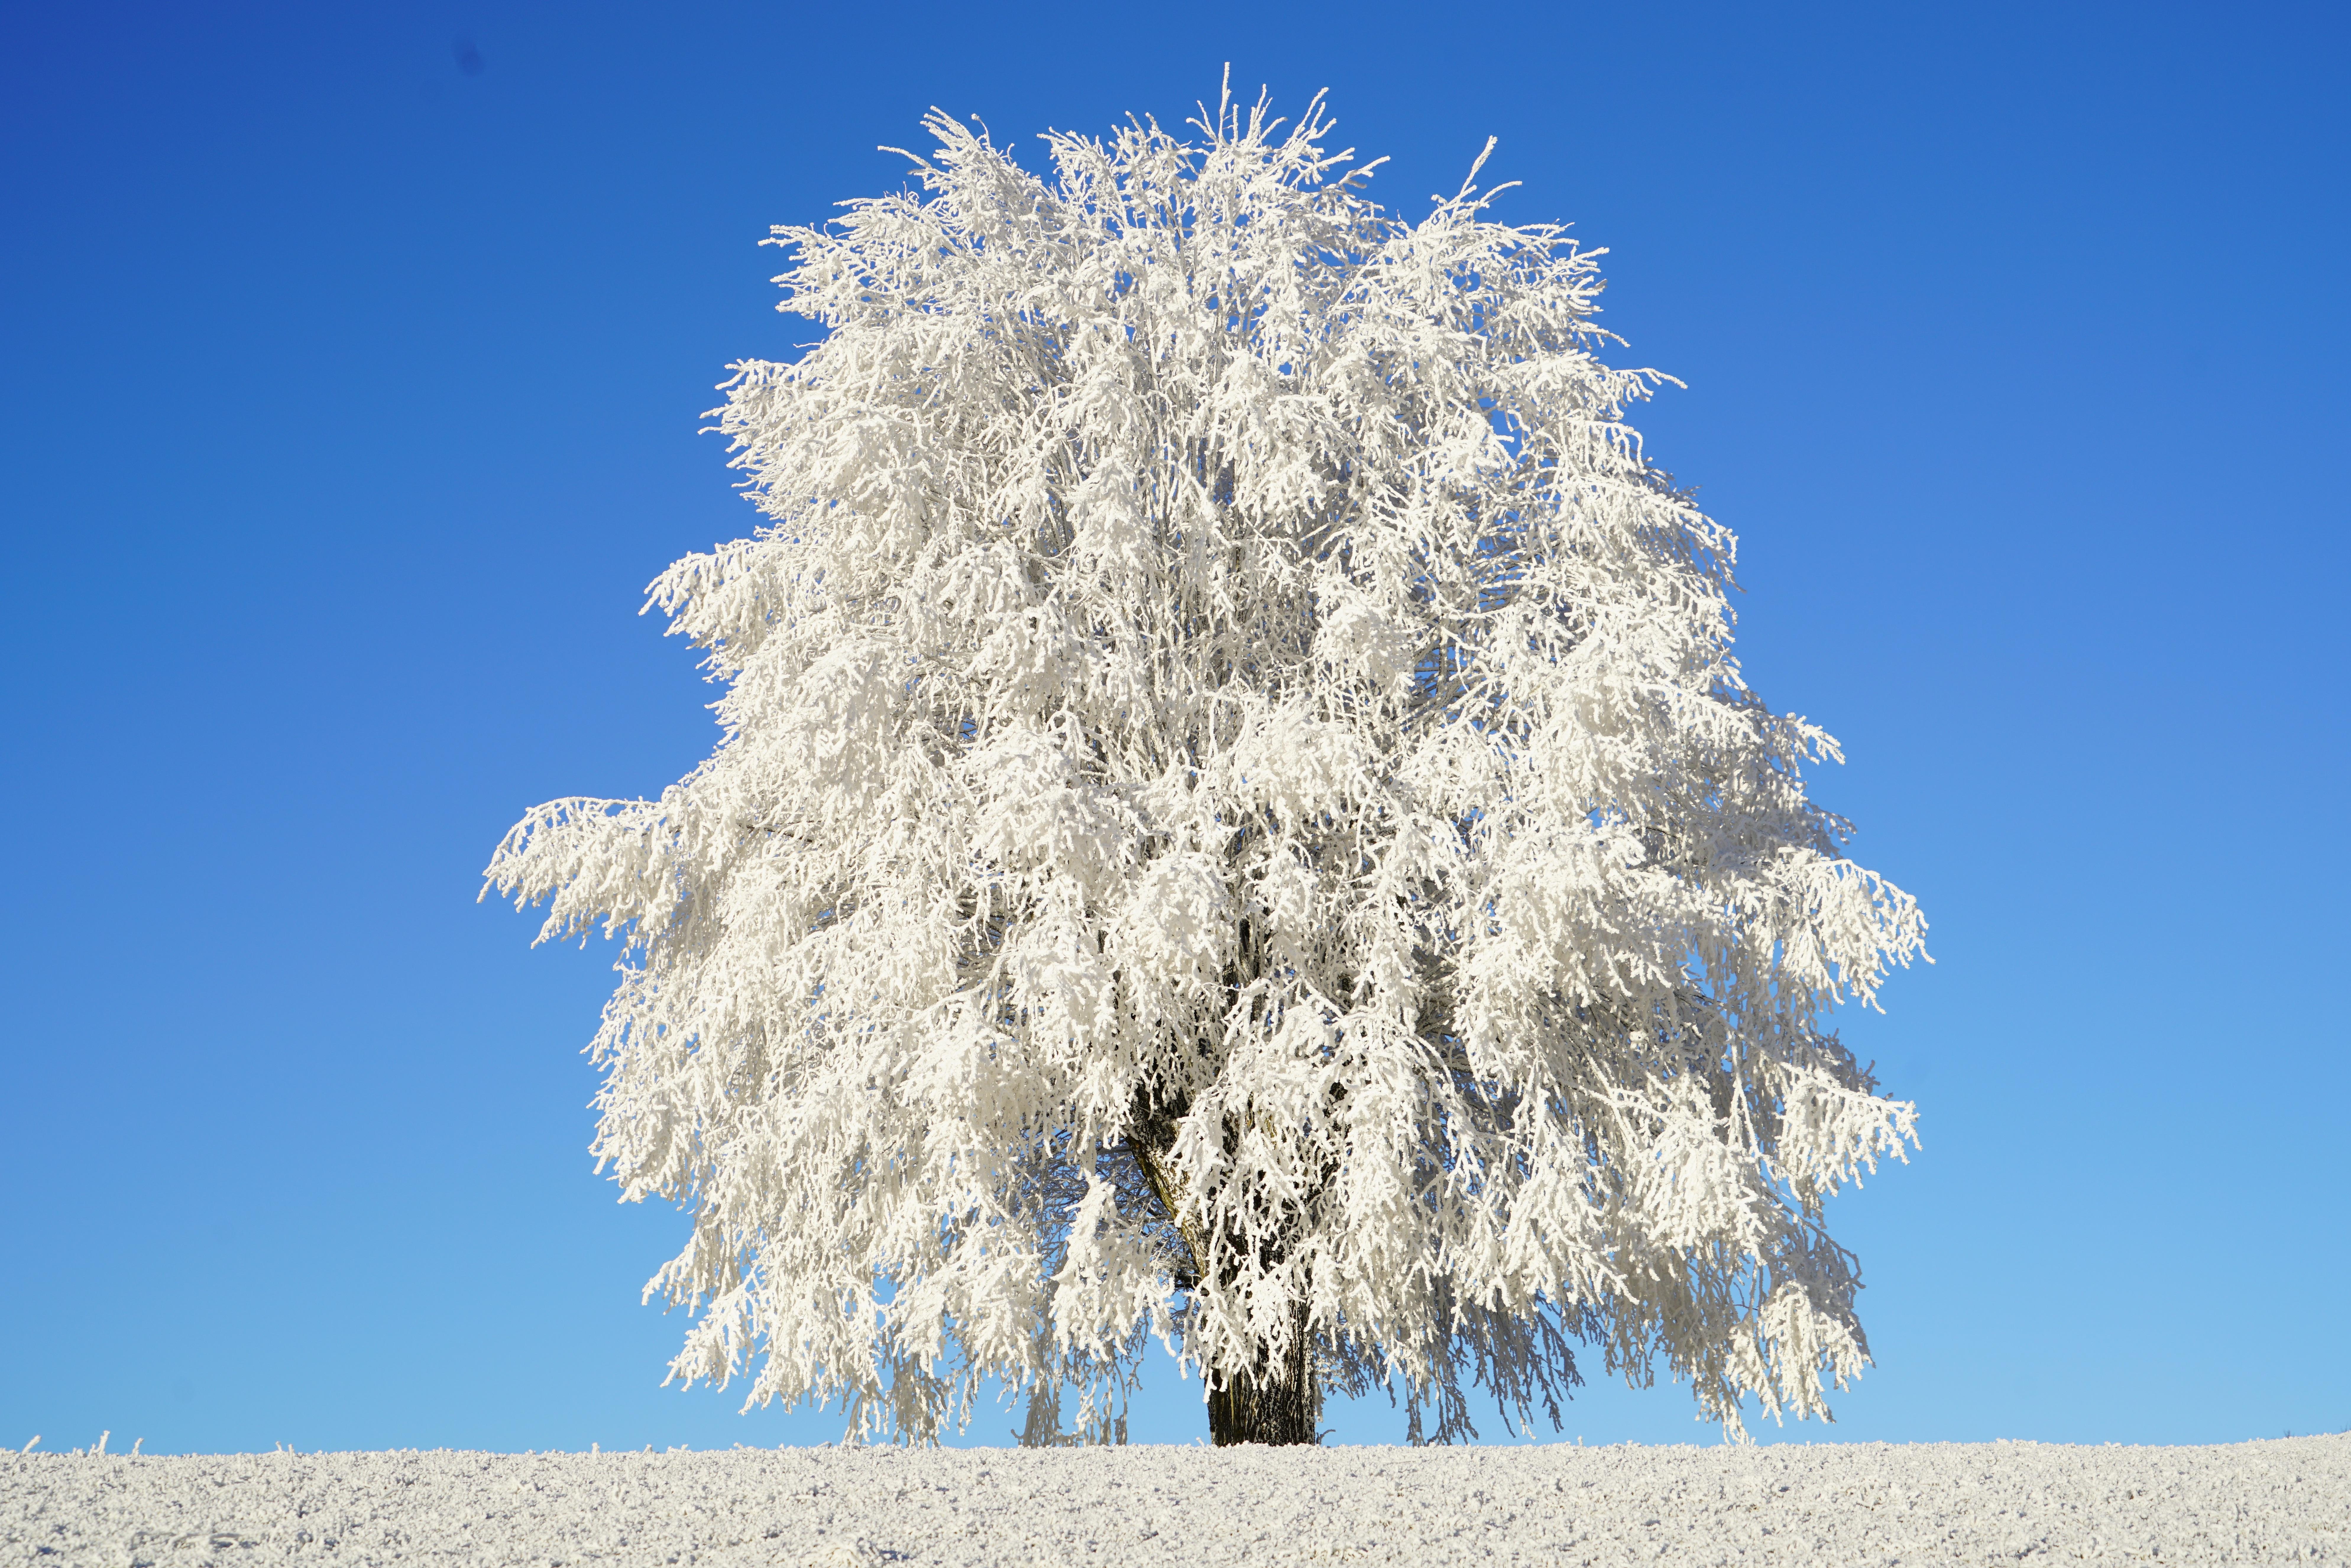 Снежное дерево картинки для детей